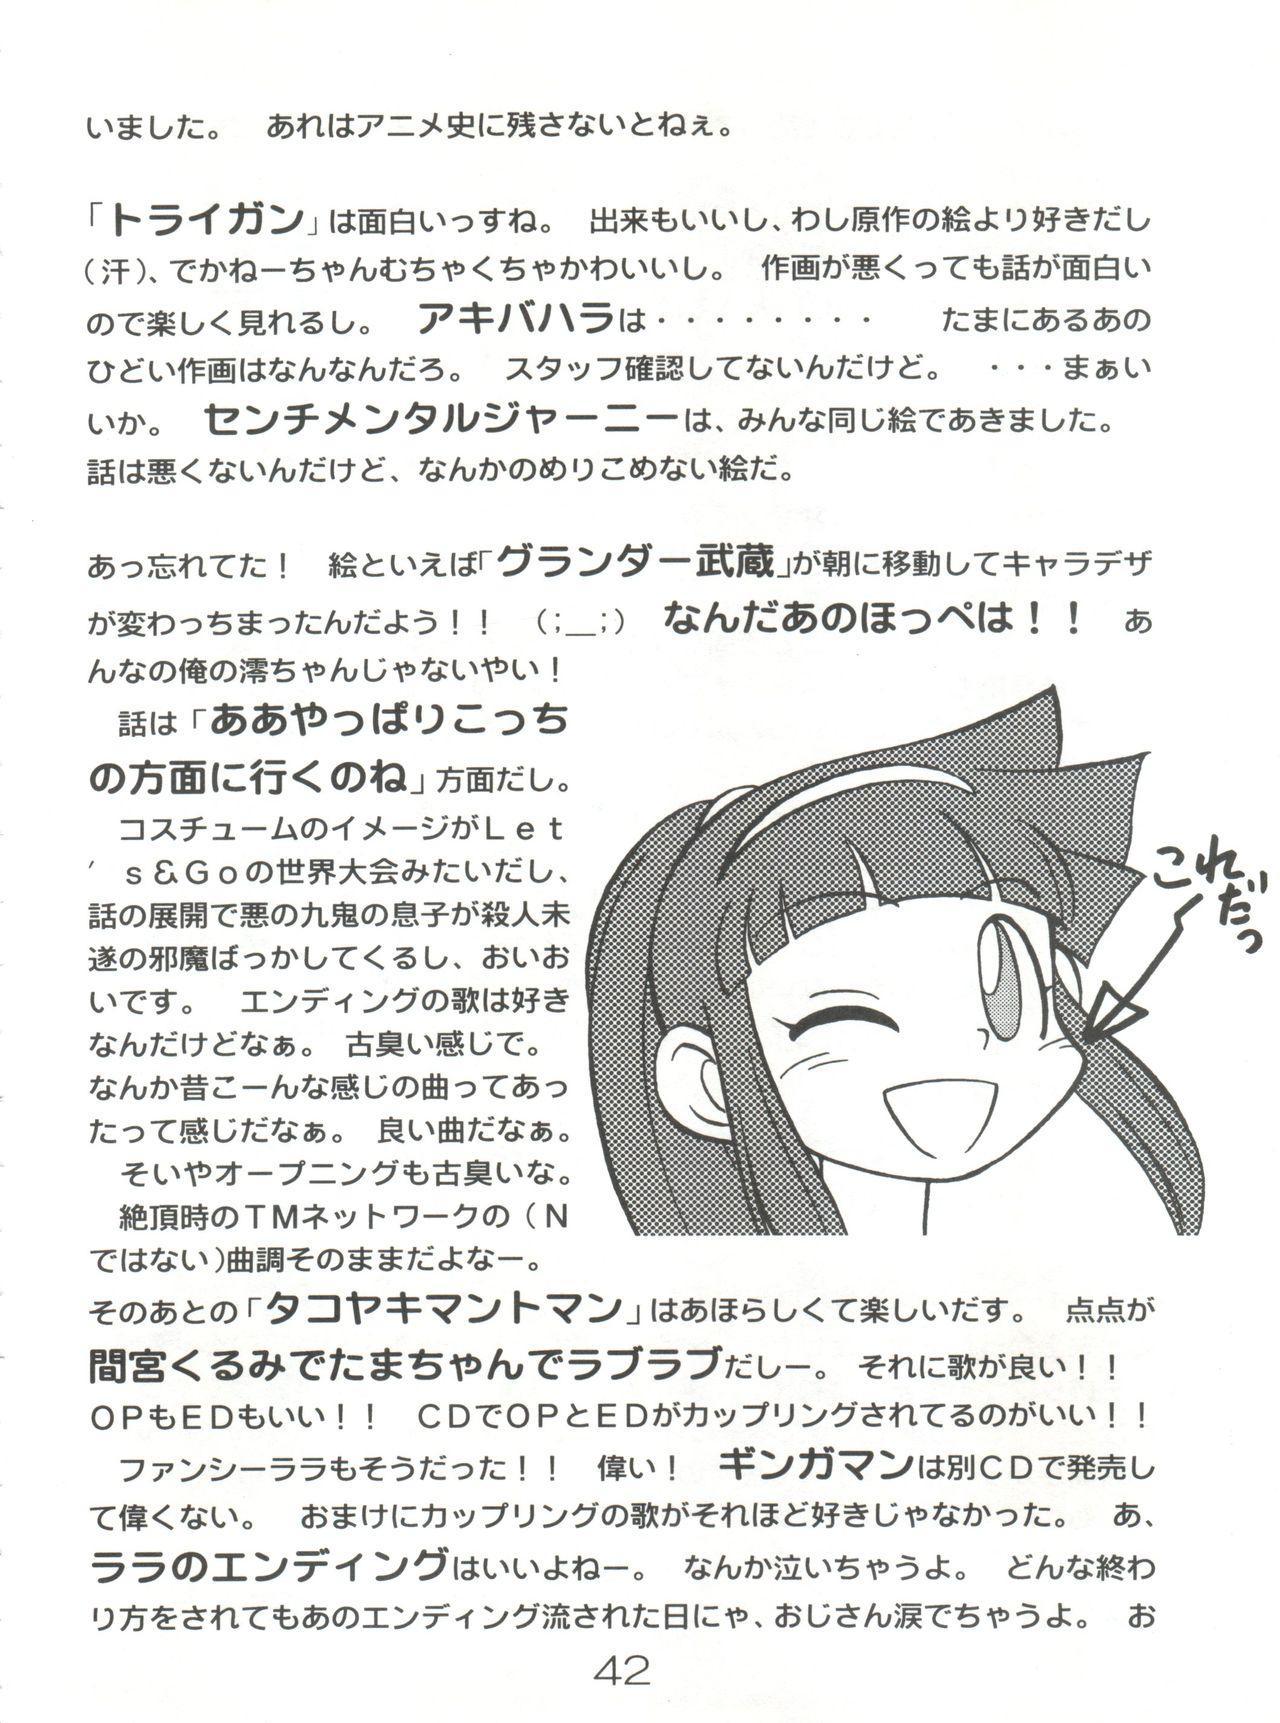 Mahou no Okusuri 40